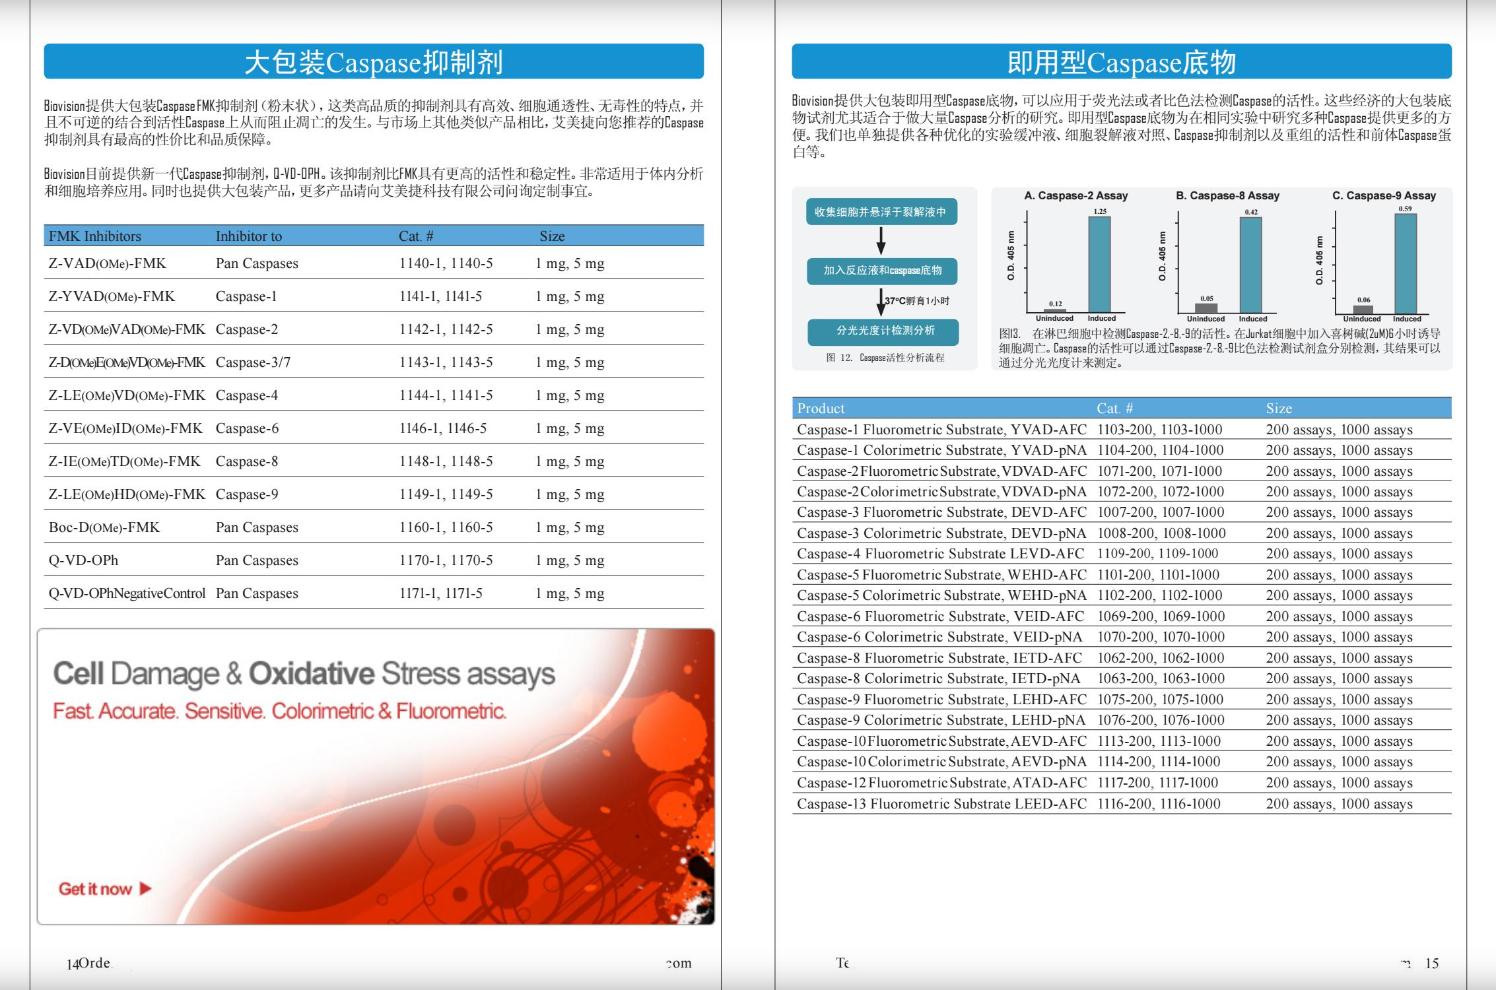 细胞凋亡&活力&氧化应激检测方案